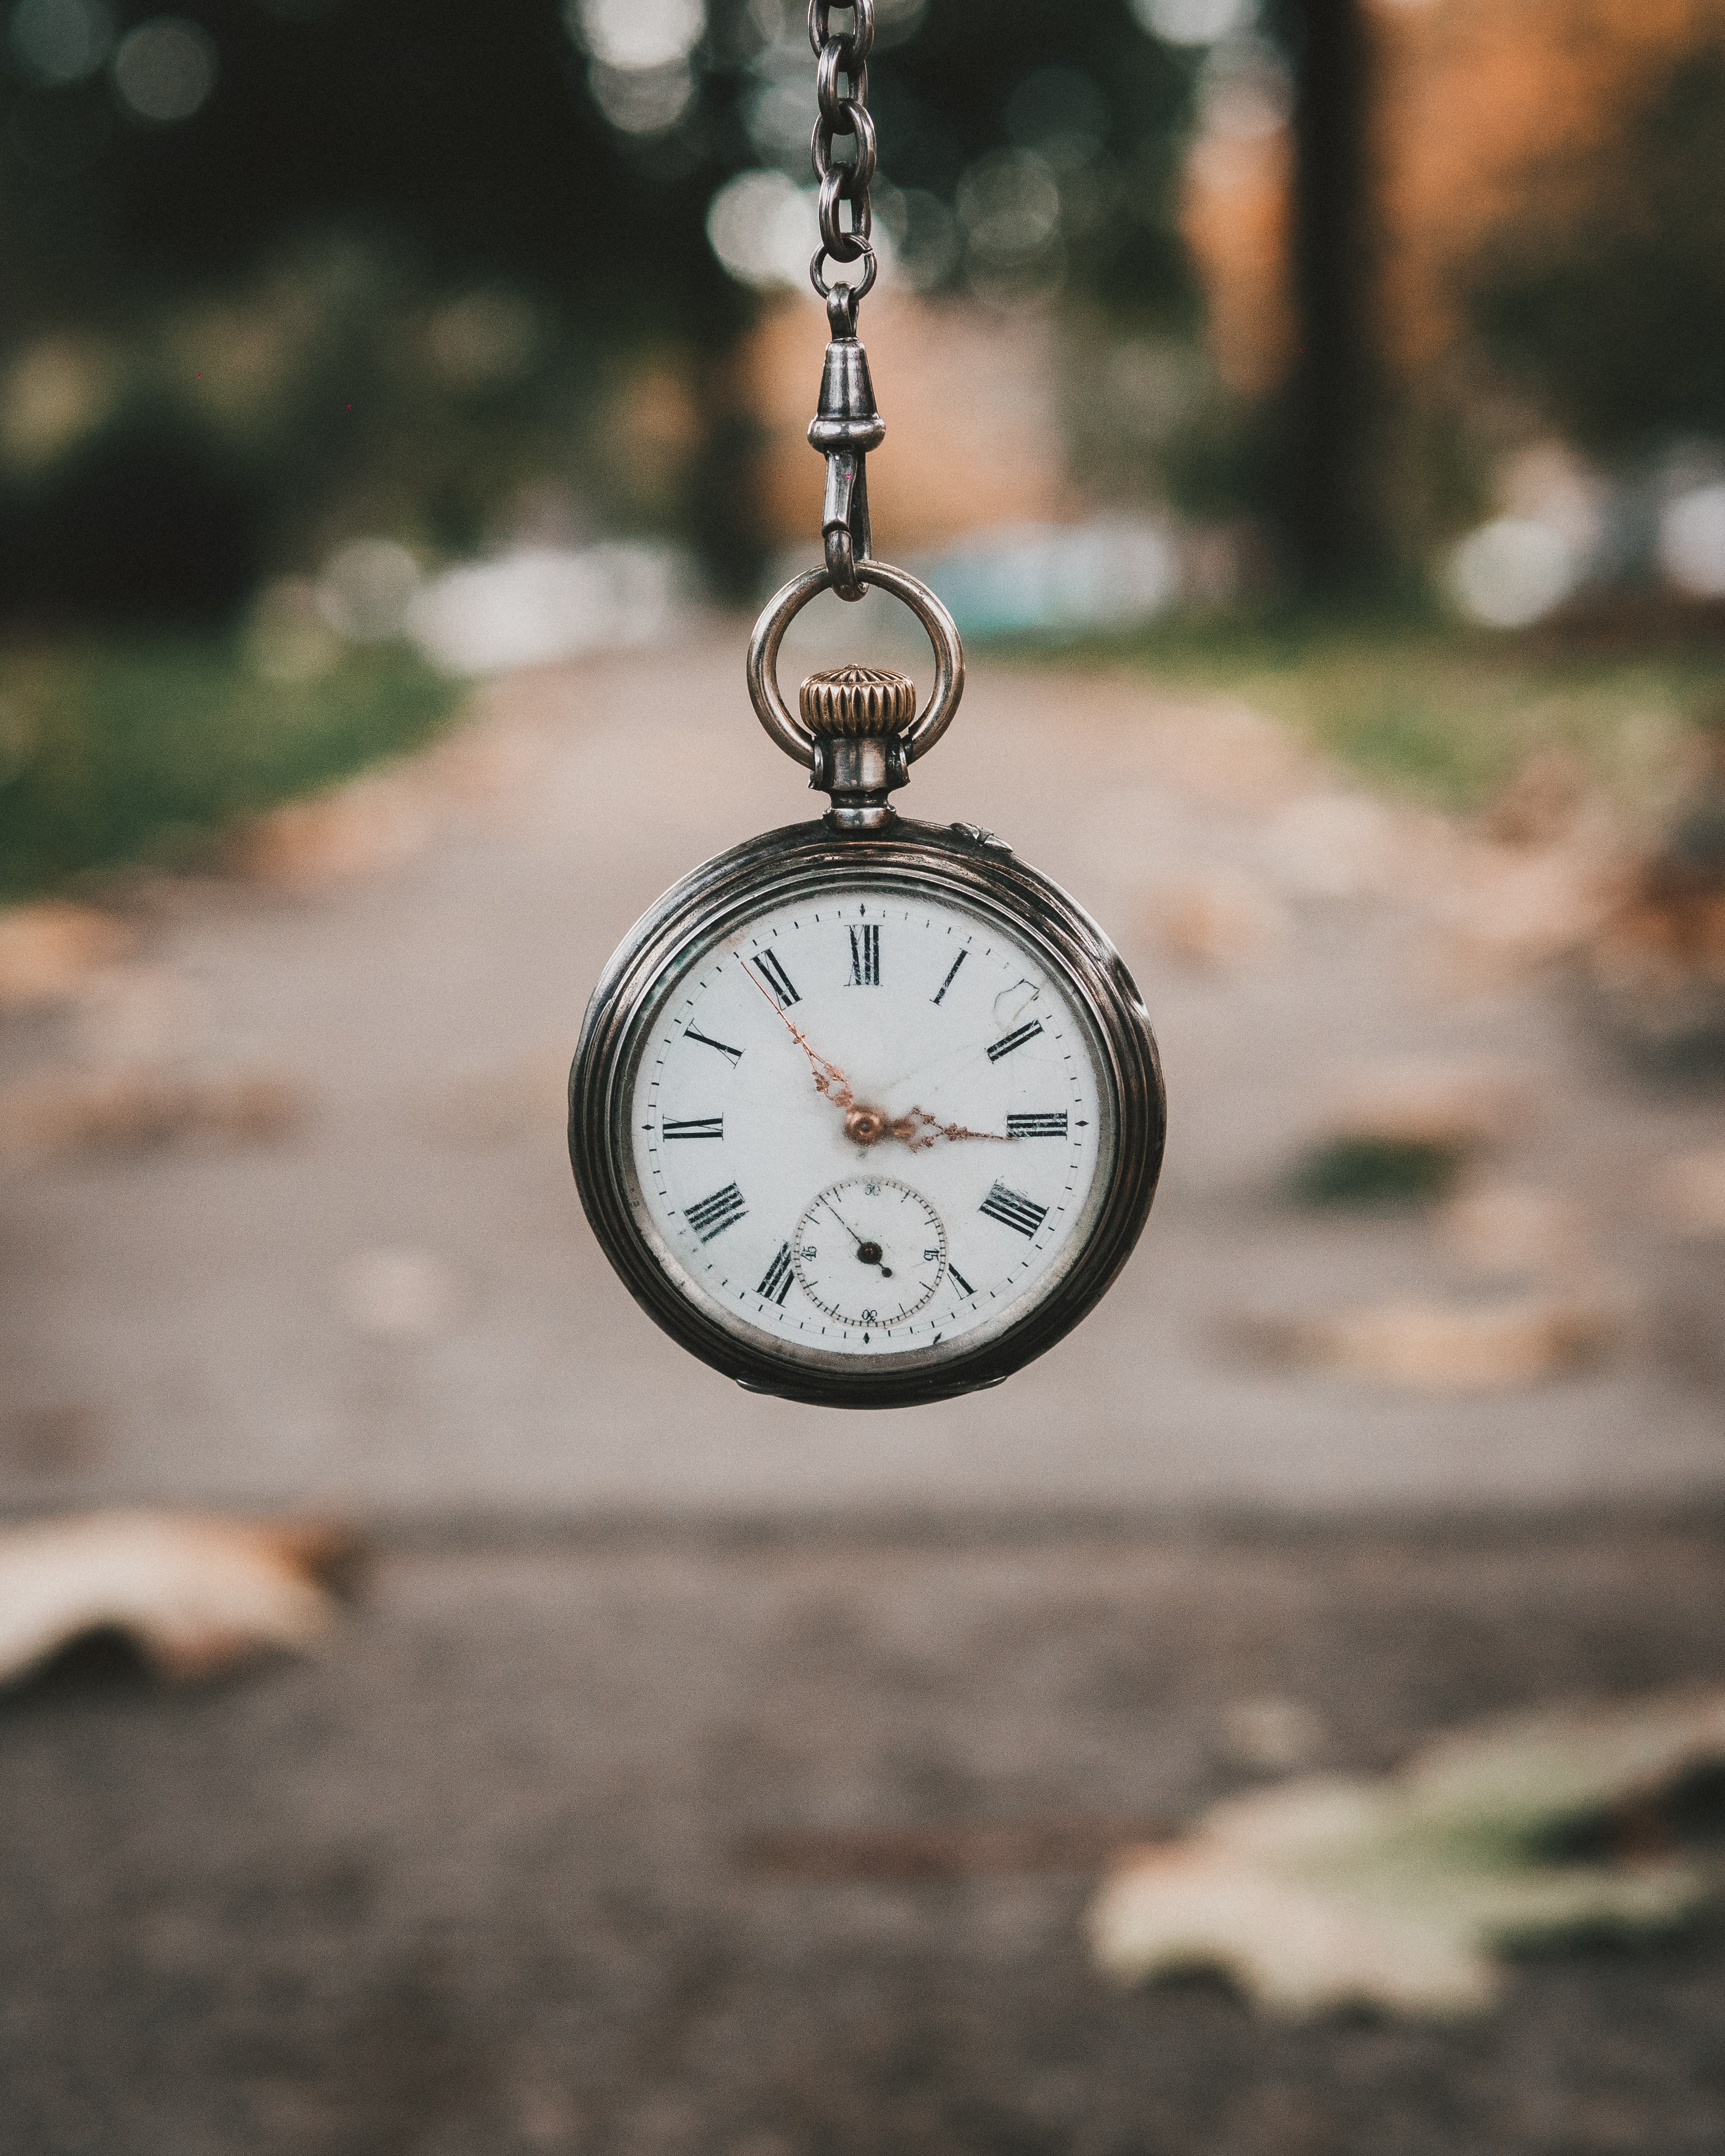 l'horloge nous incite à habiter notre temps et à ralentir